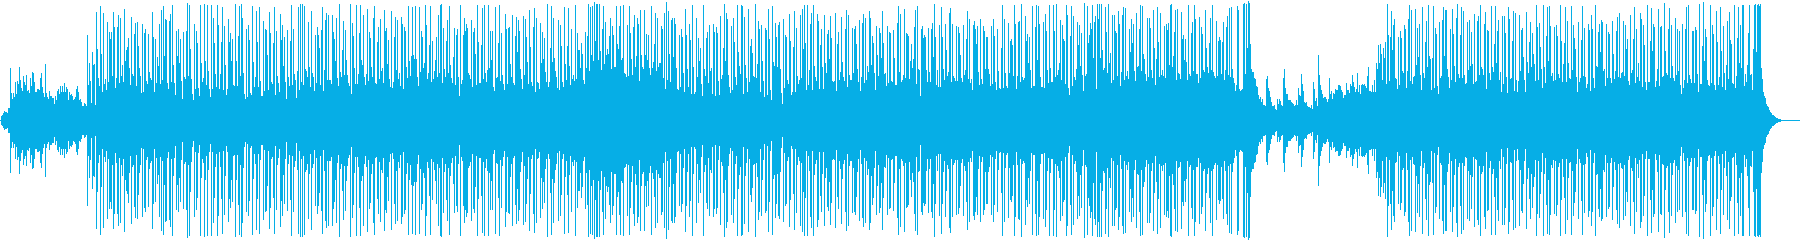 積極的。歌。穏やかでエネルギッシュ...の再生済みの波形